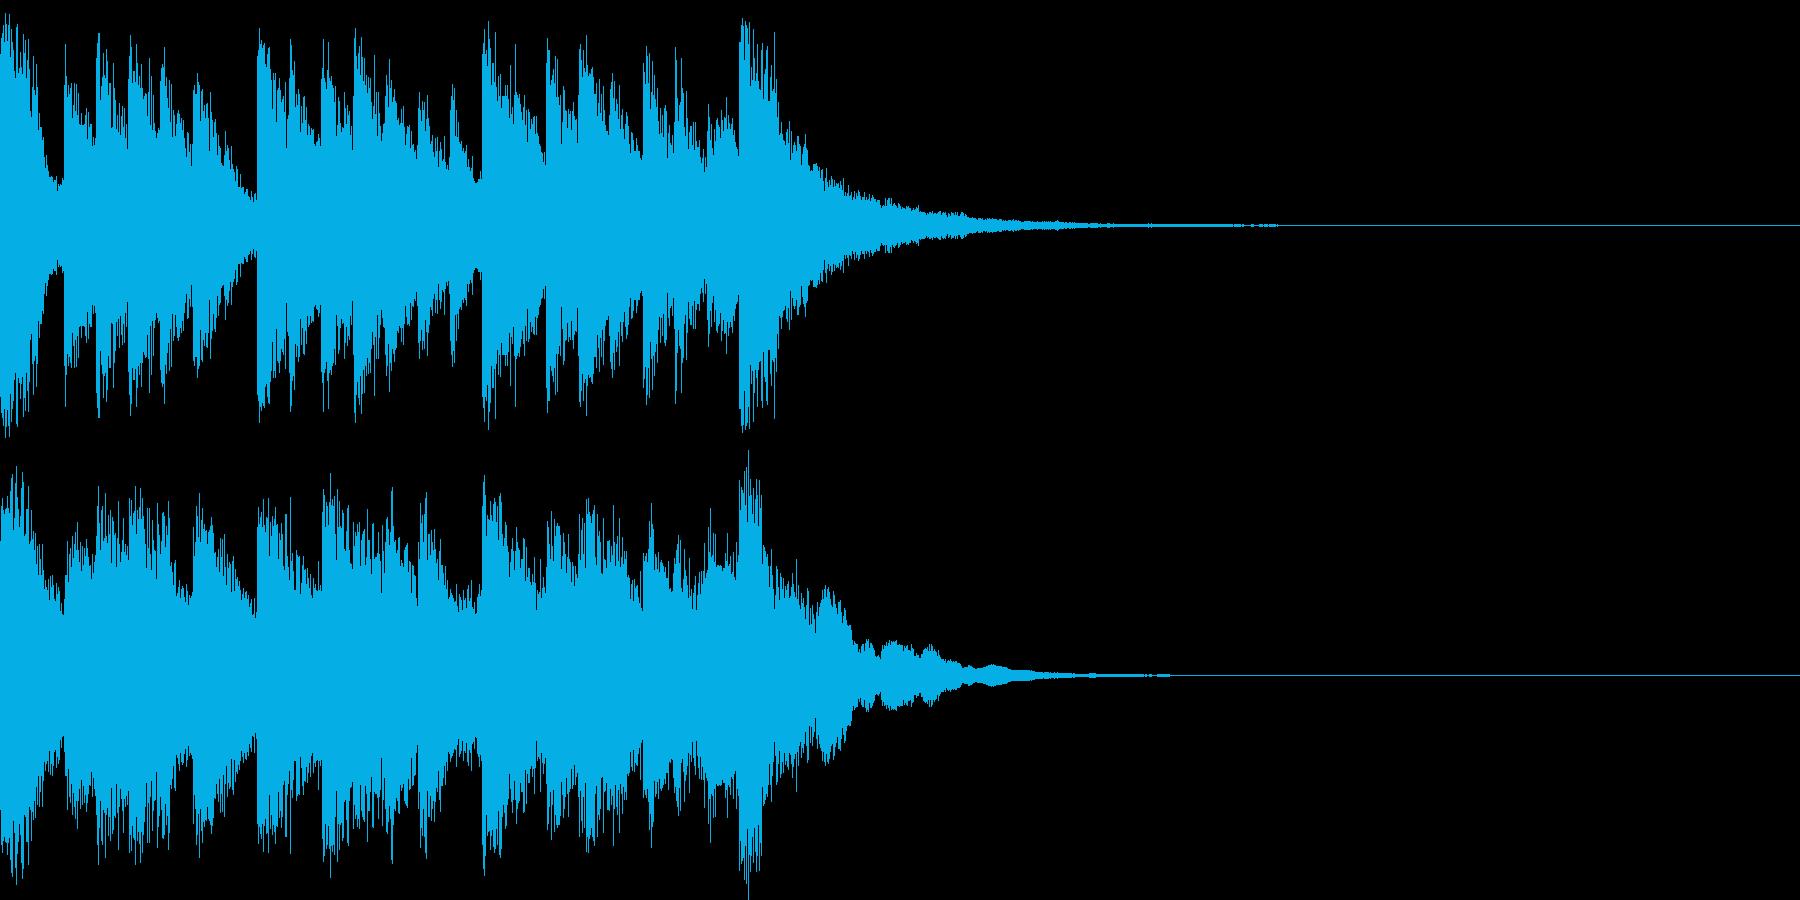 ピアノとベルの不揃いで愉快な印象のOPの再生済みの波形